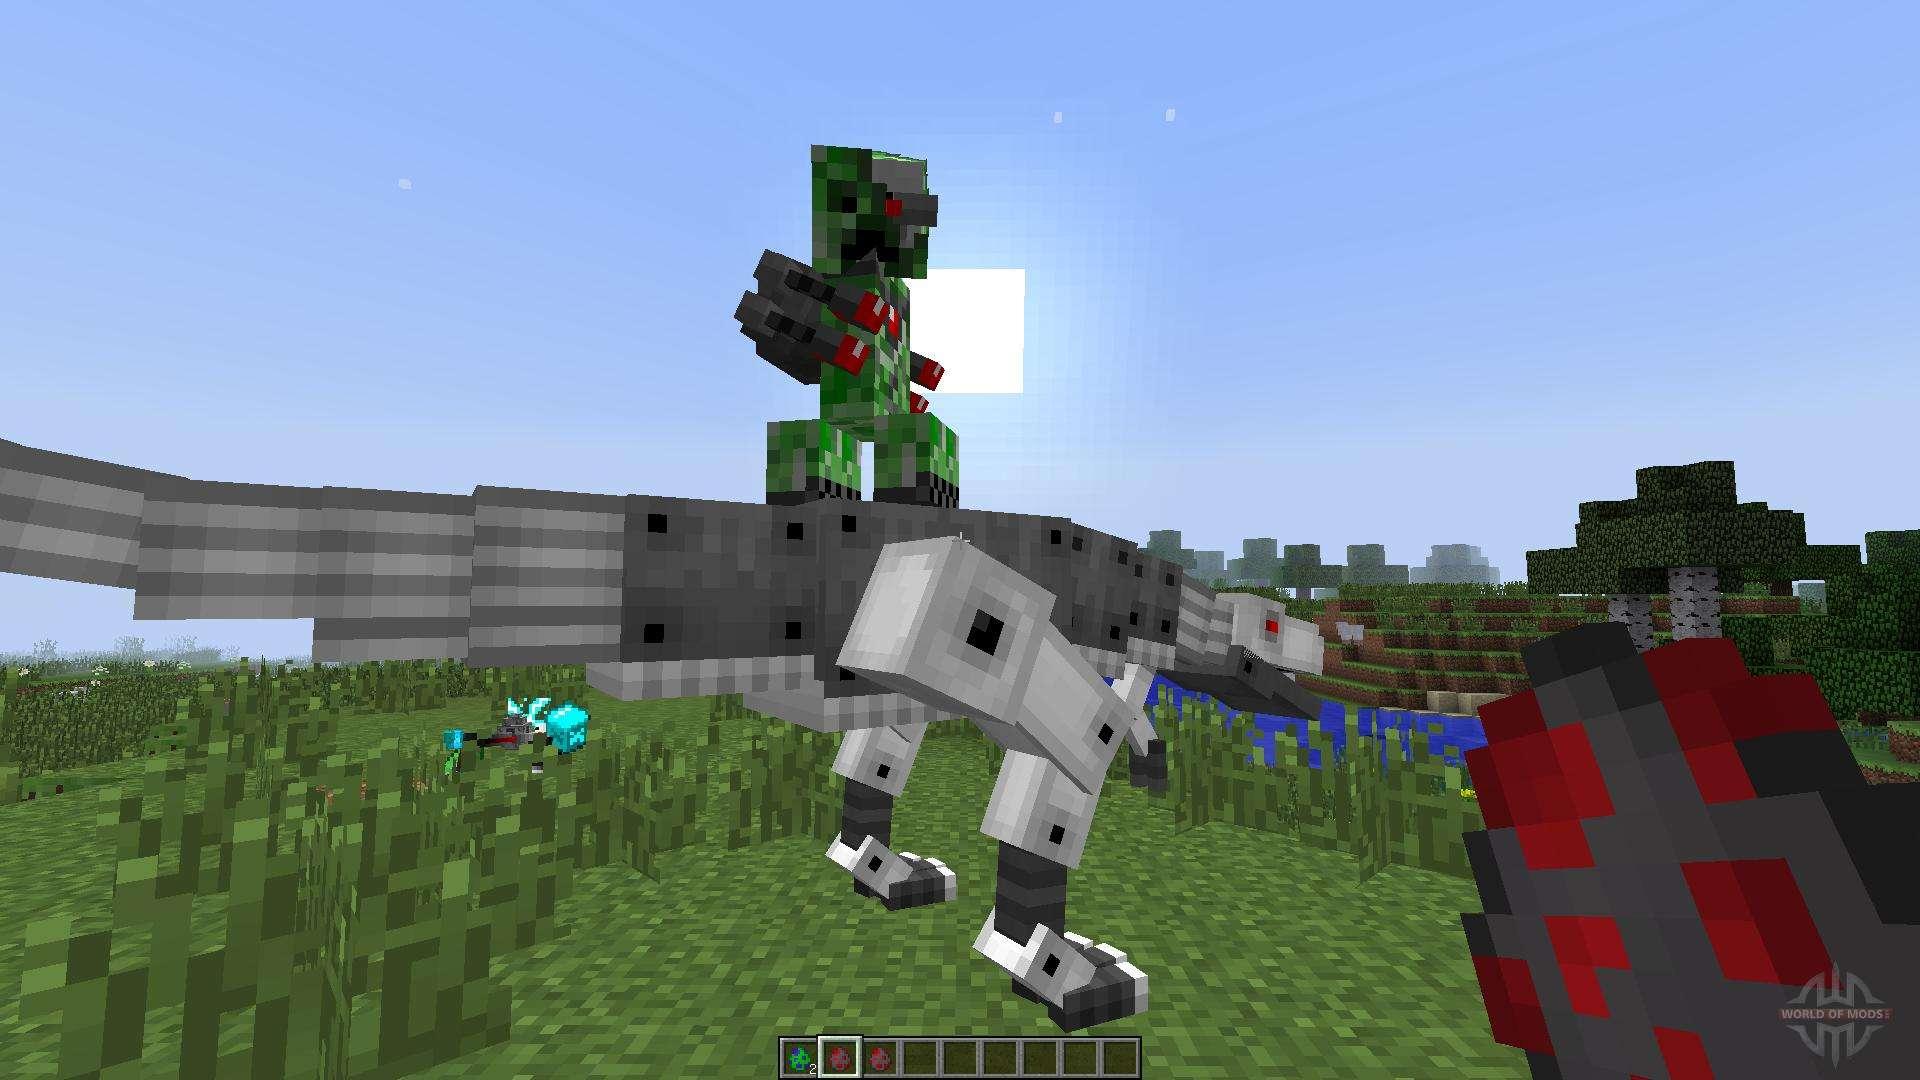 моды на роботов в майнкрафт 1.7.10 #5